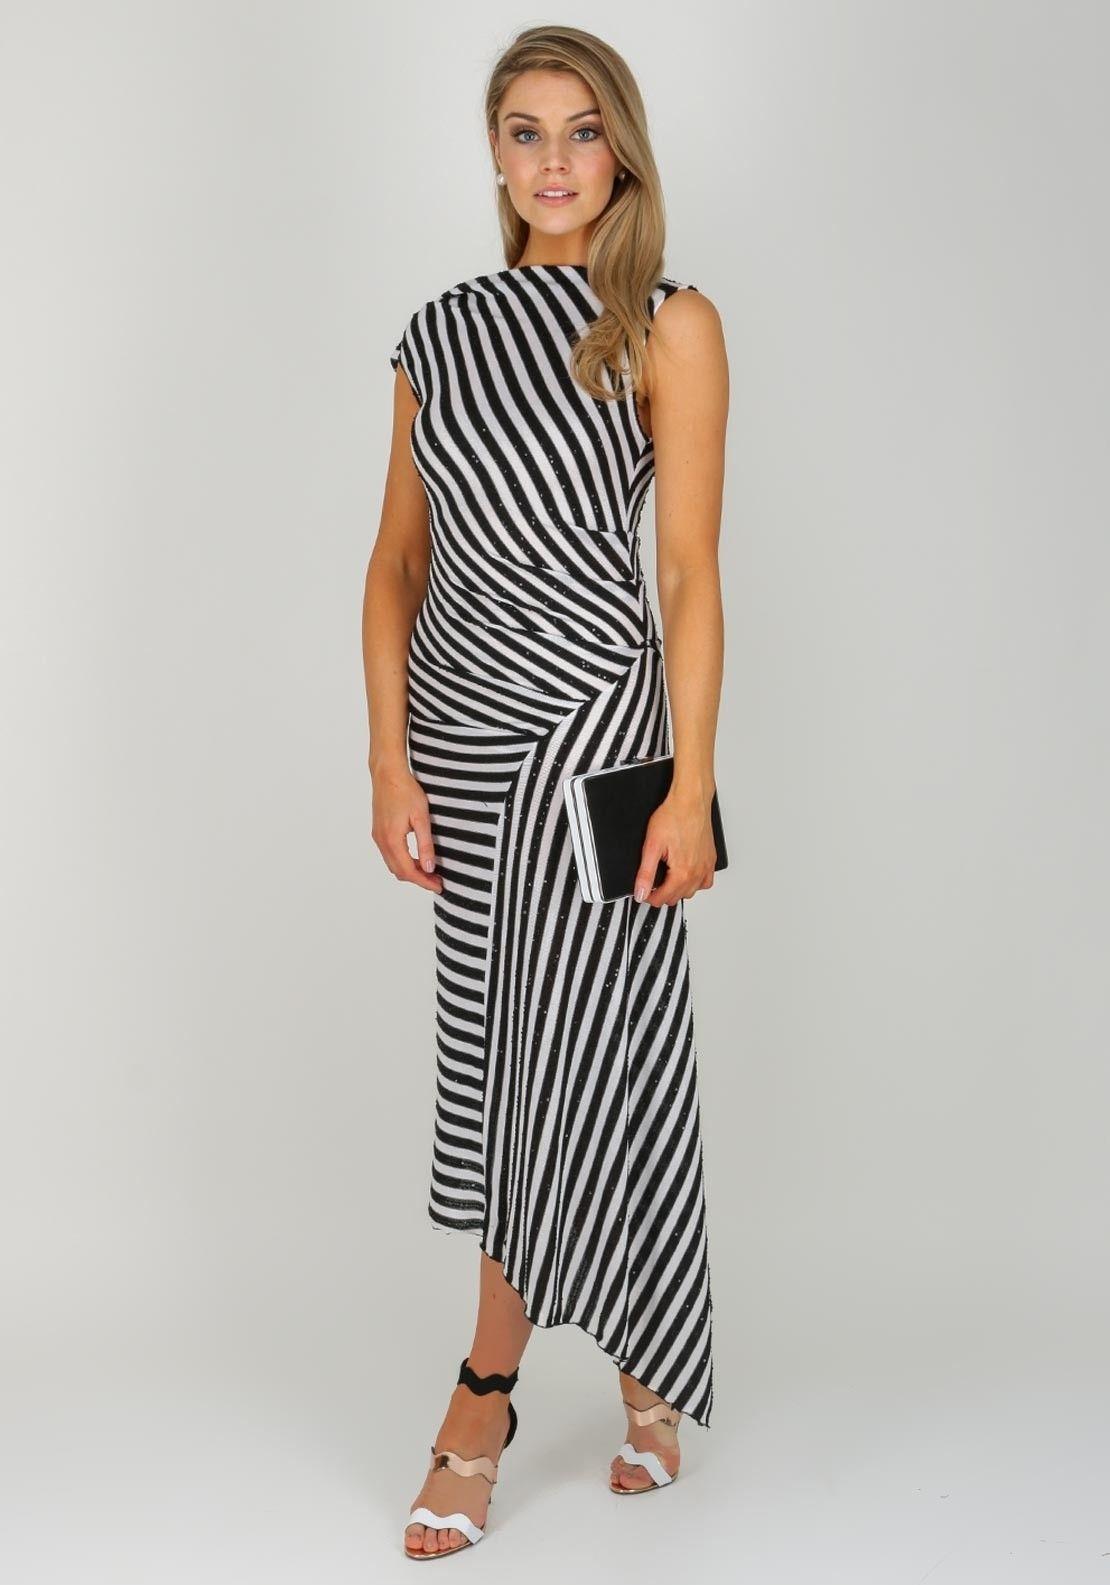 Kevan Jon Rhea Striped Midi Dress Black White Striped Midi Dress Dresses Midi Dress [ 1585 x 1110 Pixel ]